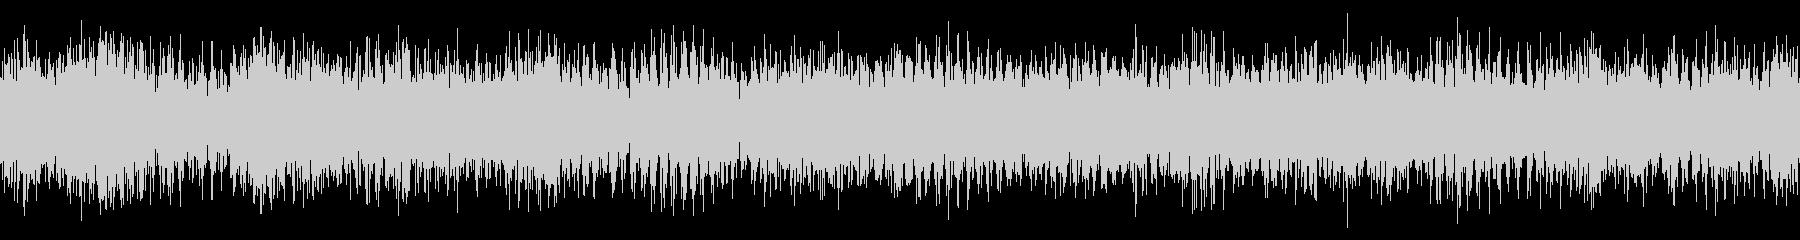 小型クルーズ船の停泊中の音の未再生の波形